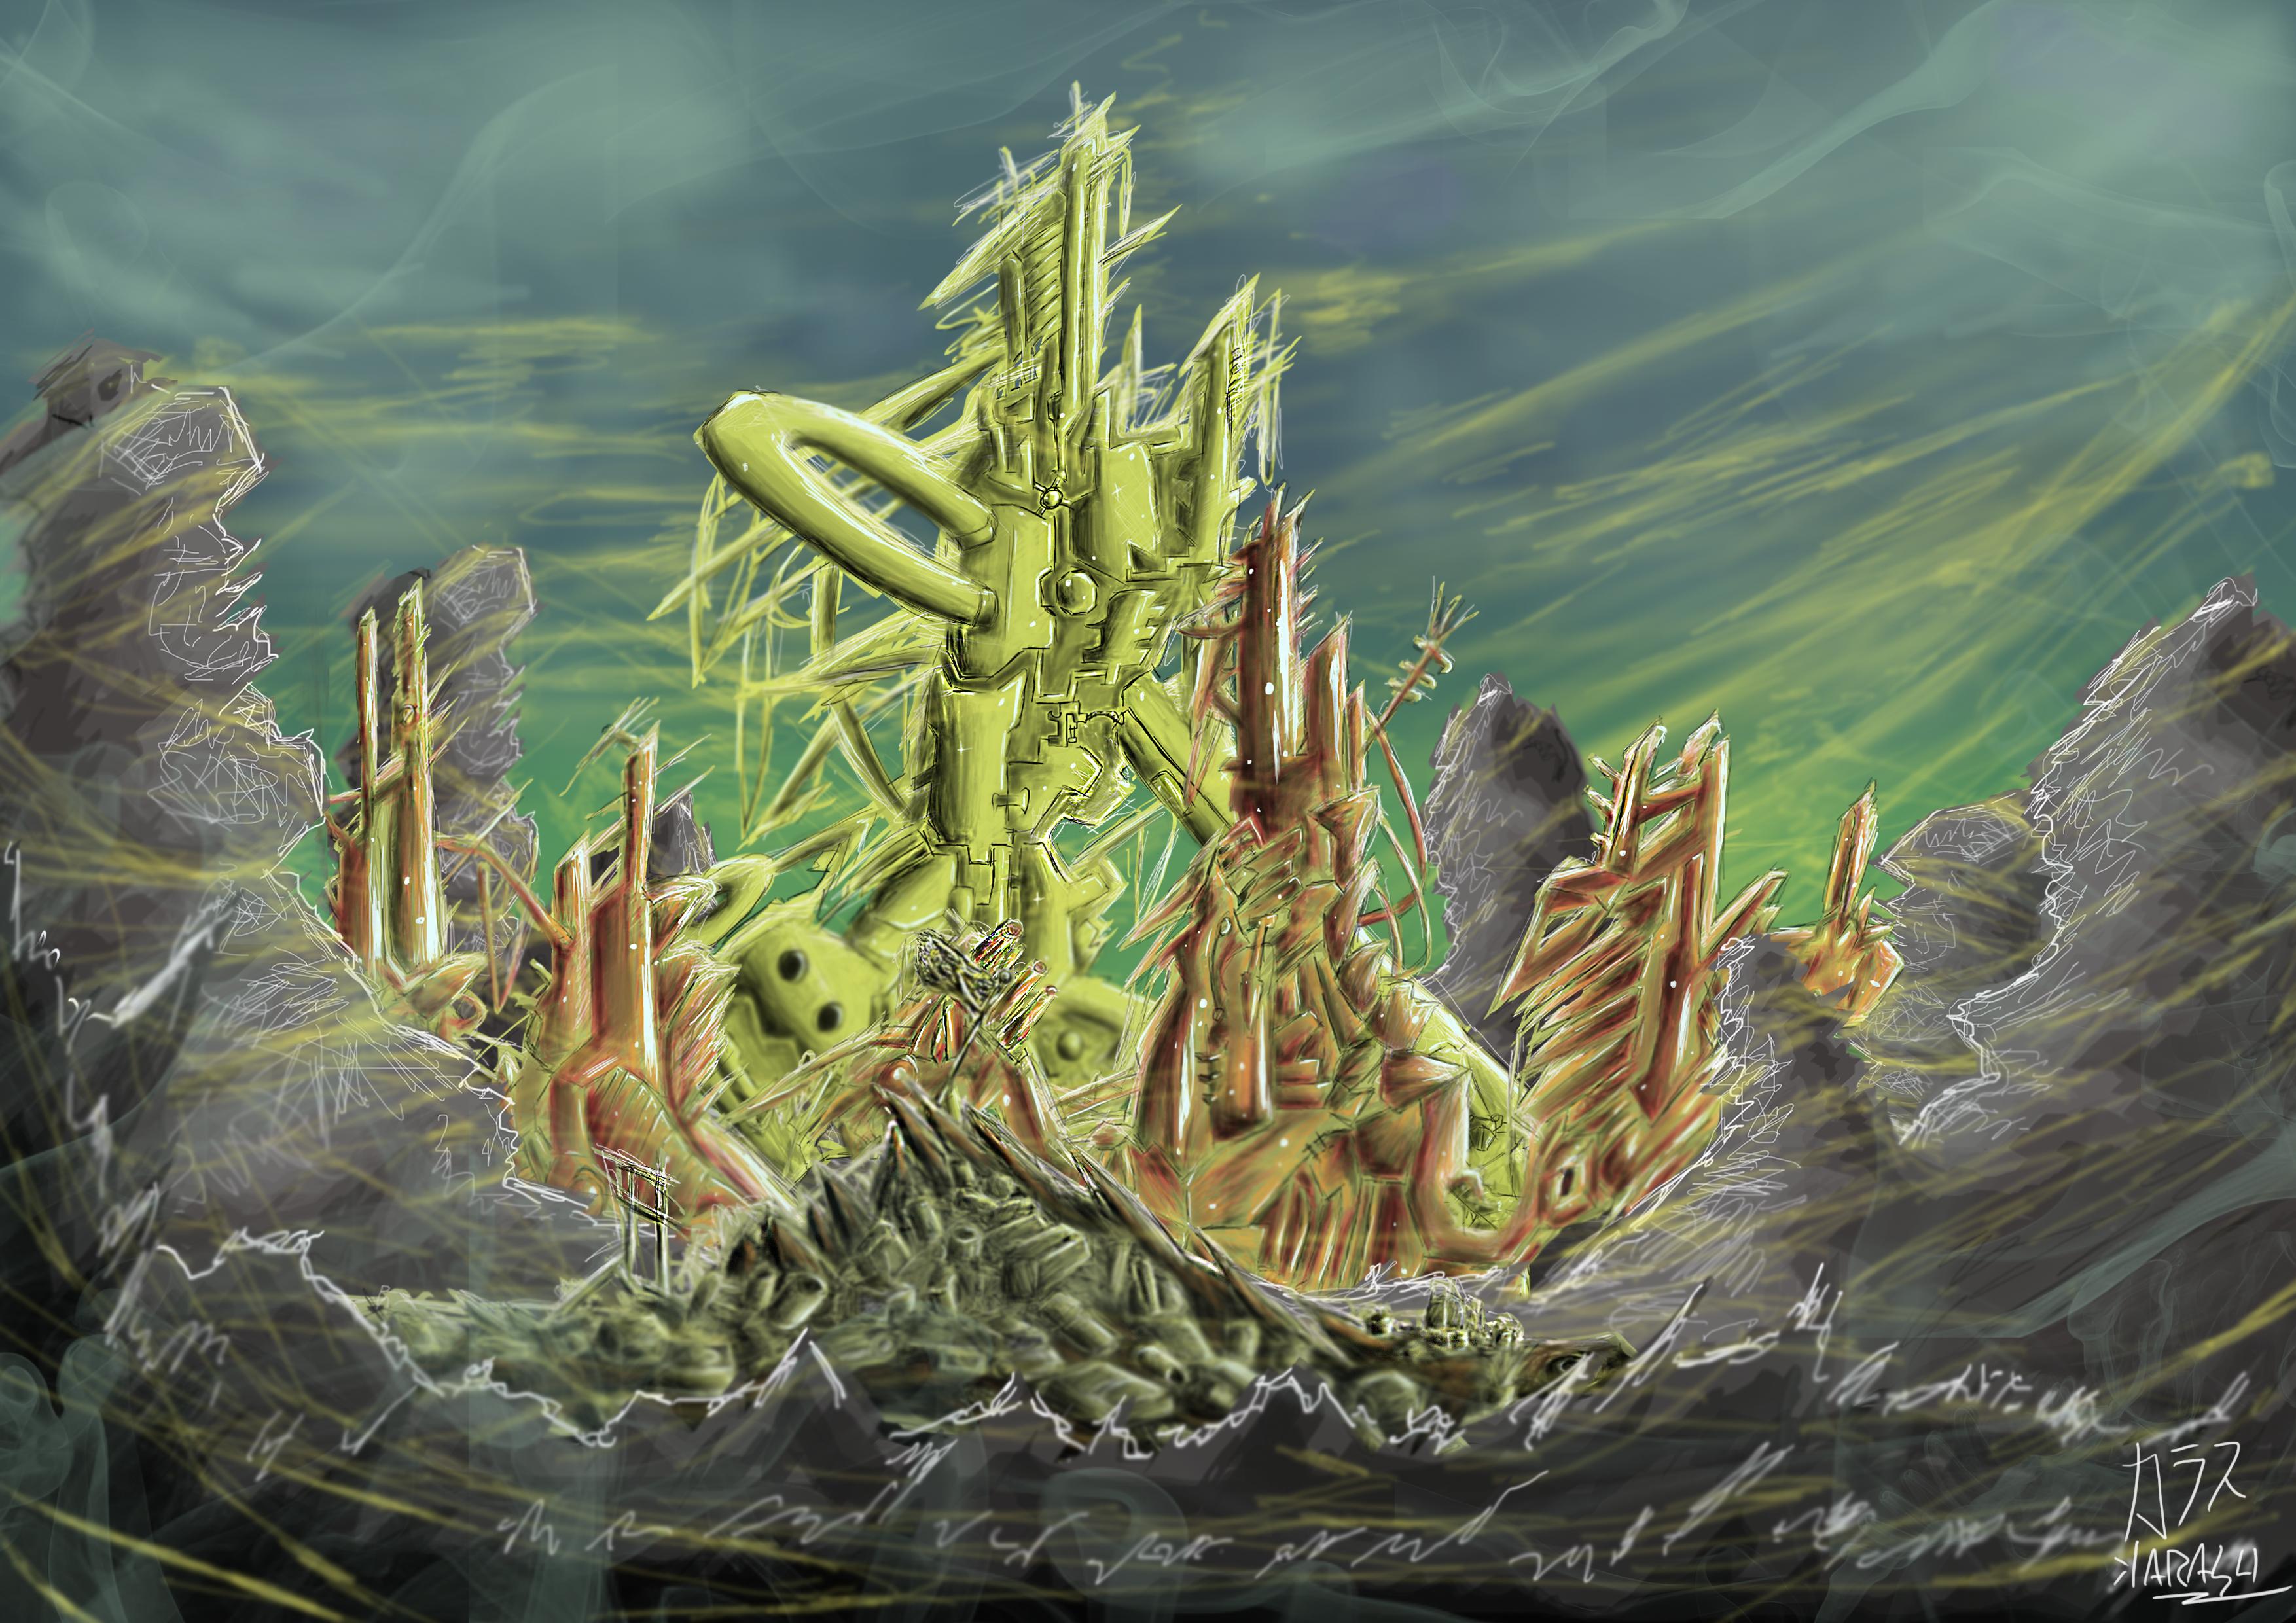 Dystopian Abandoned